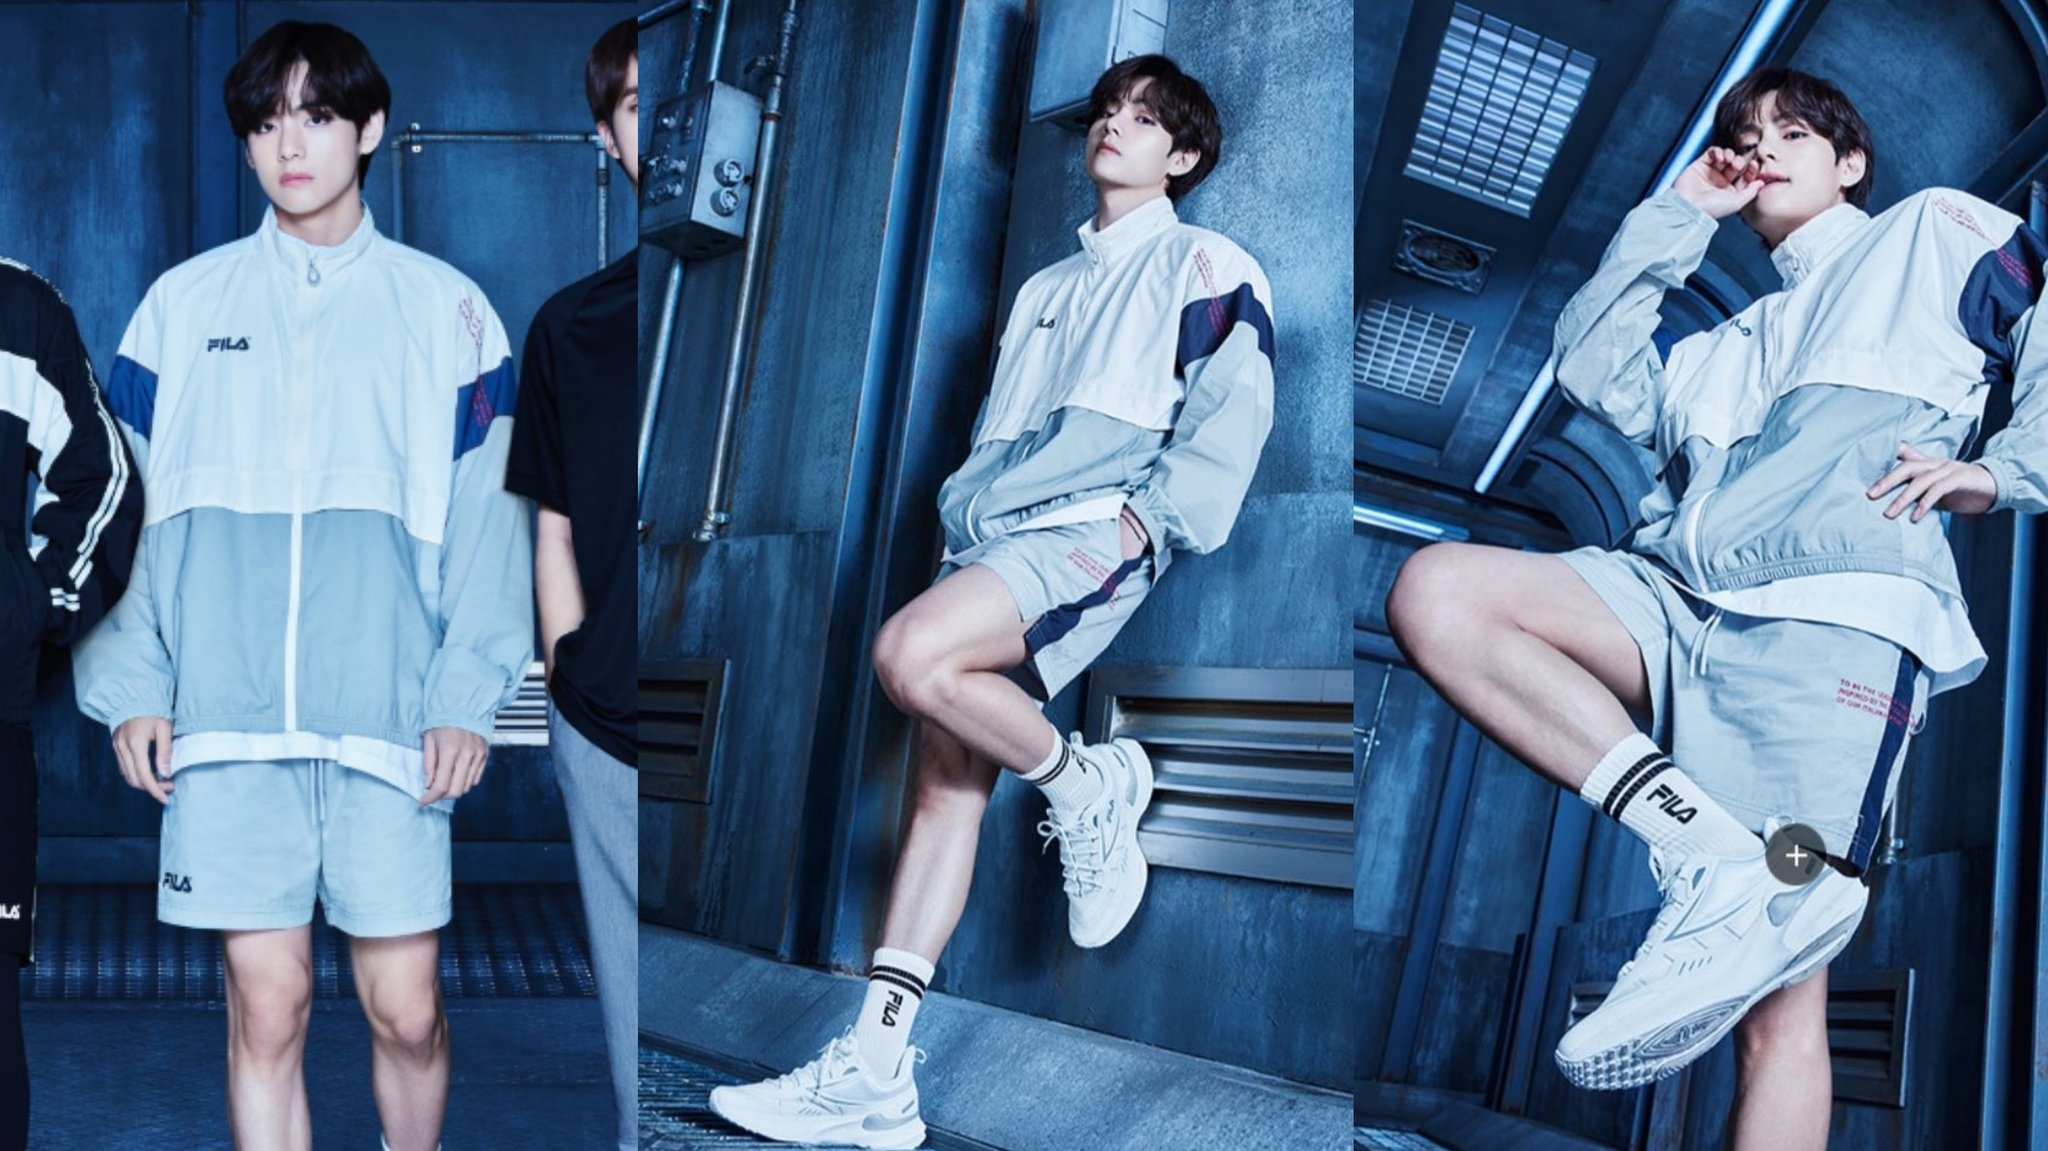 V de BTS roba el aliento de ARMY por su cuerpo atlético en fotos para FILA Korea